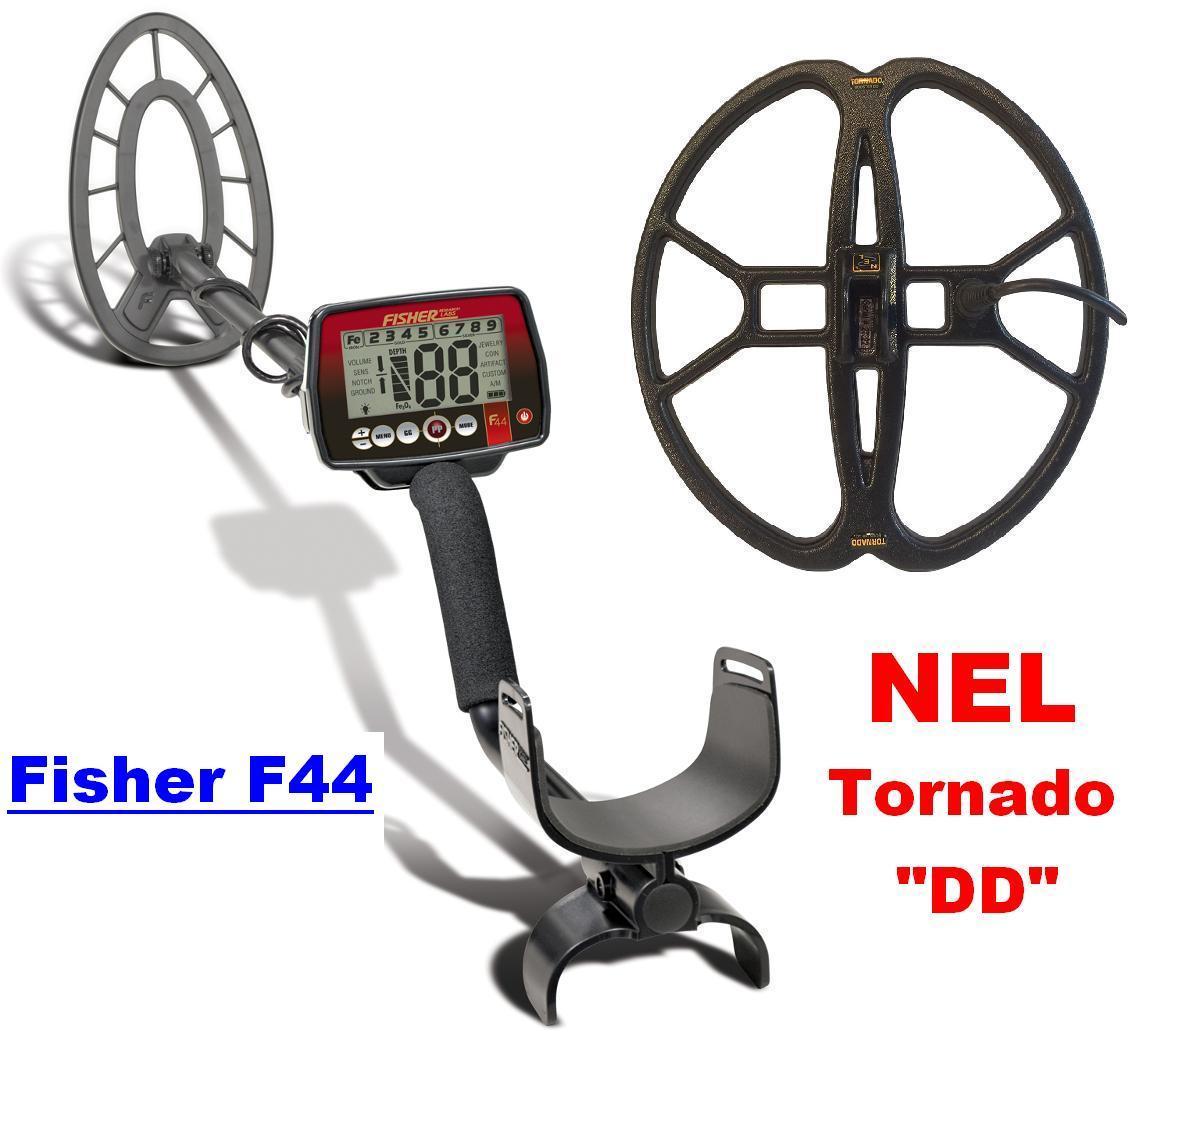 Фішер Ф44 з глибинною котушкою НЕЛ Торнадо + чохол, фото 1